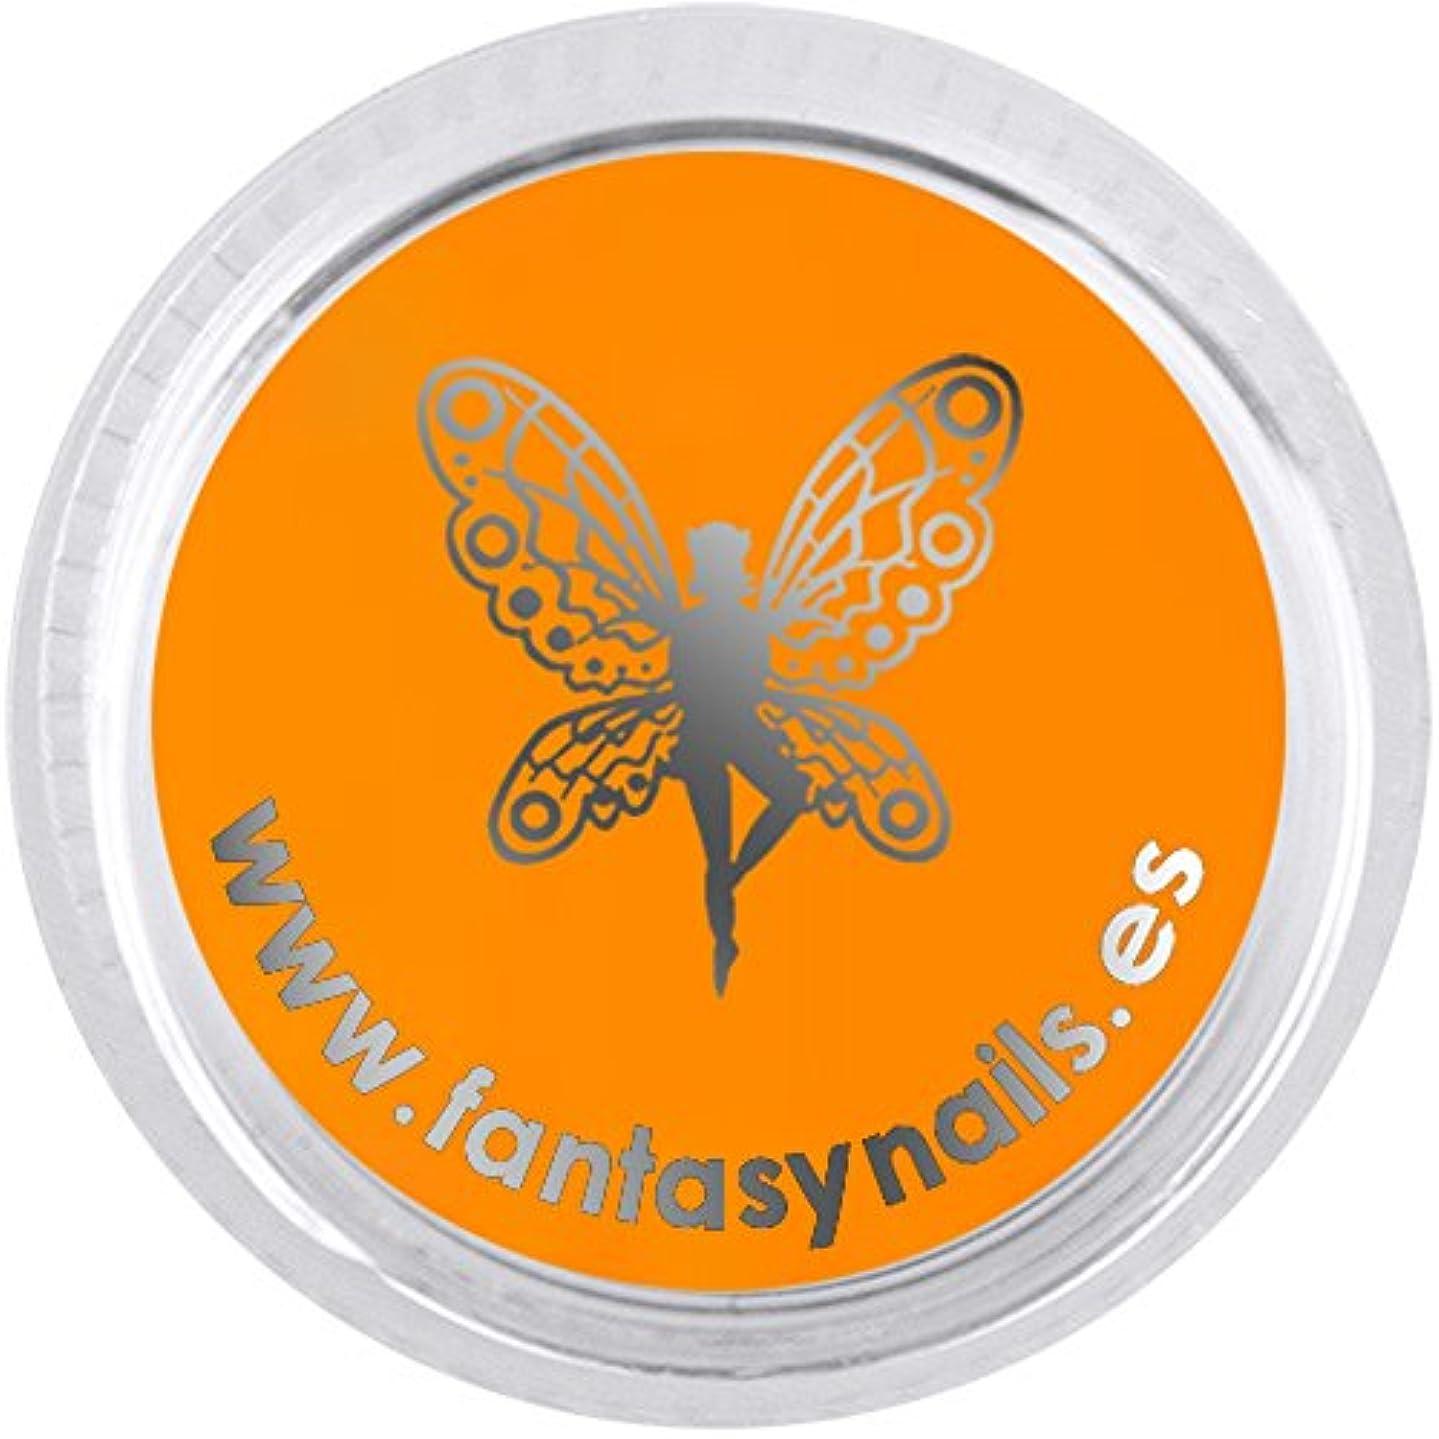 固有の地上のスカイFANTASY NAIL フラワーコレクション 3g 4753XS カラーパウダー アート材